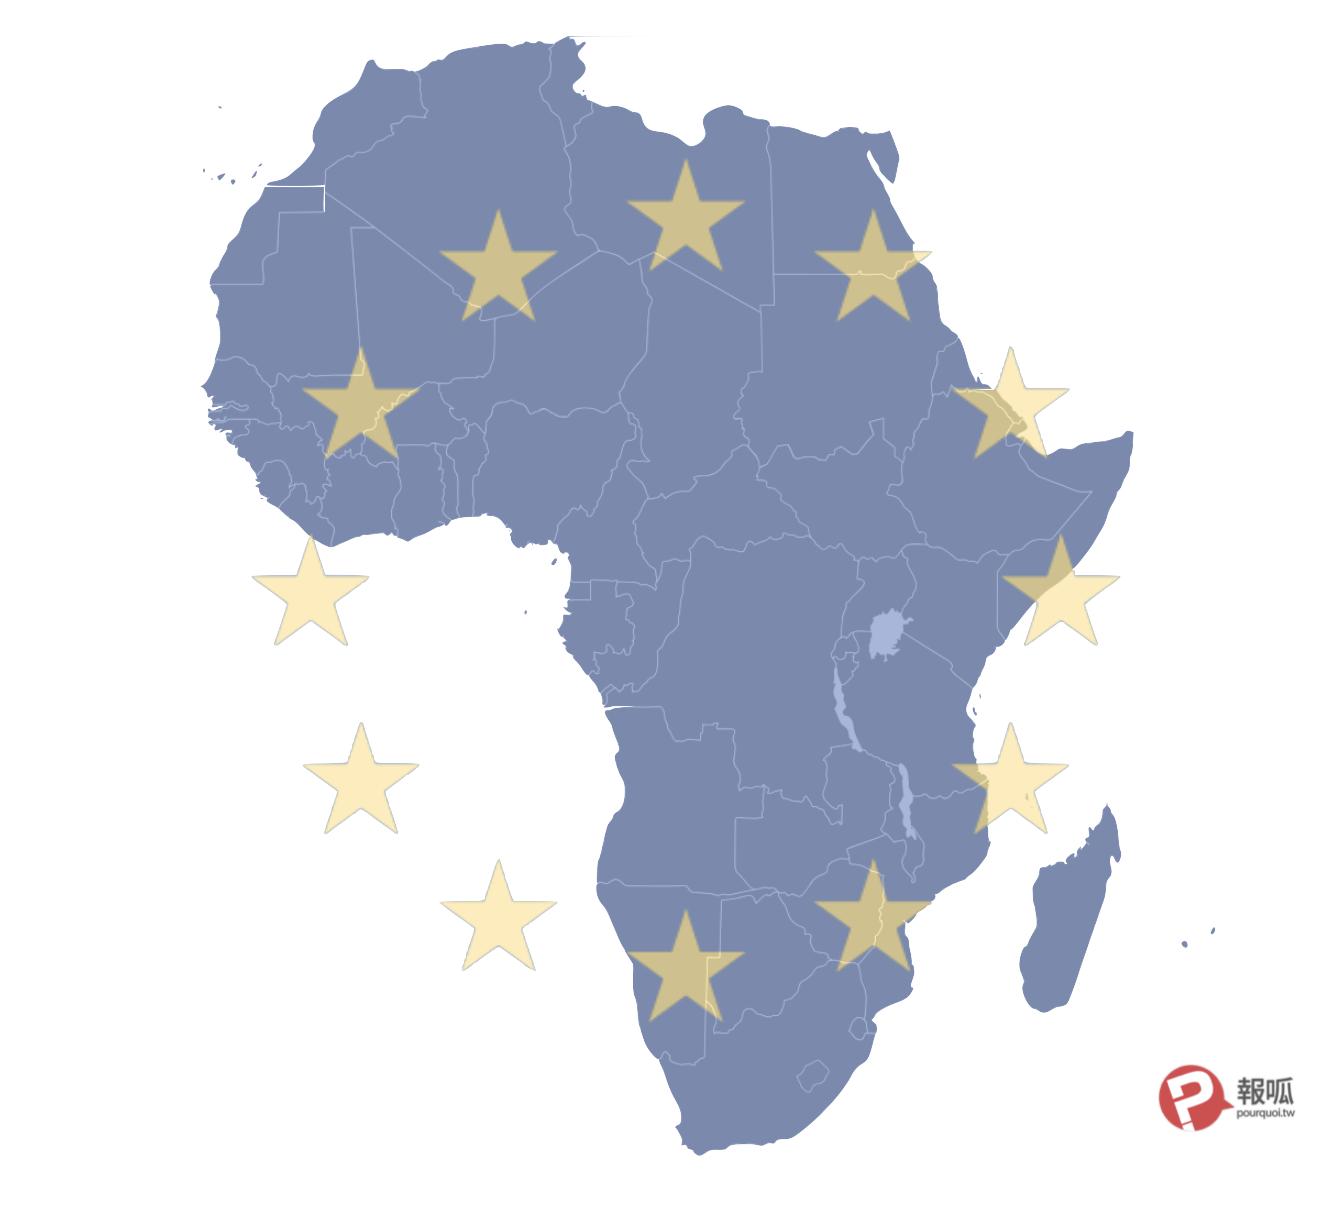 彼此還眼:非洲各國與西方國家交惡